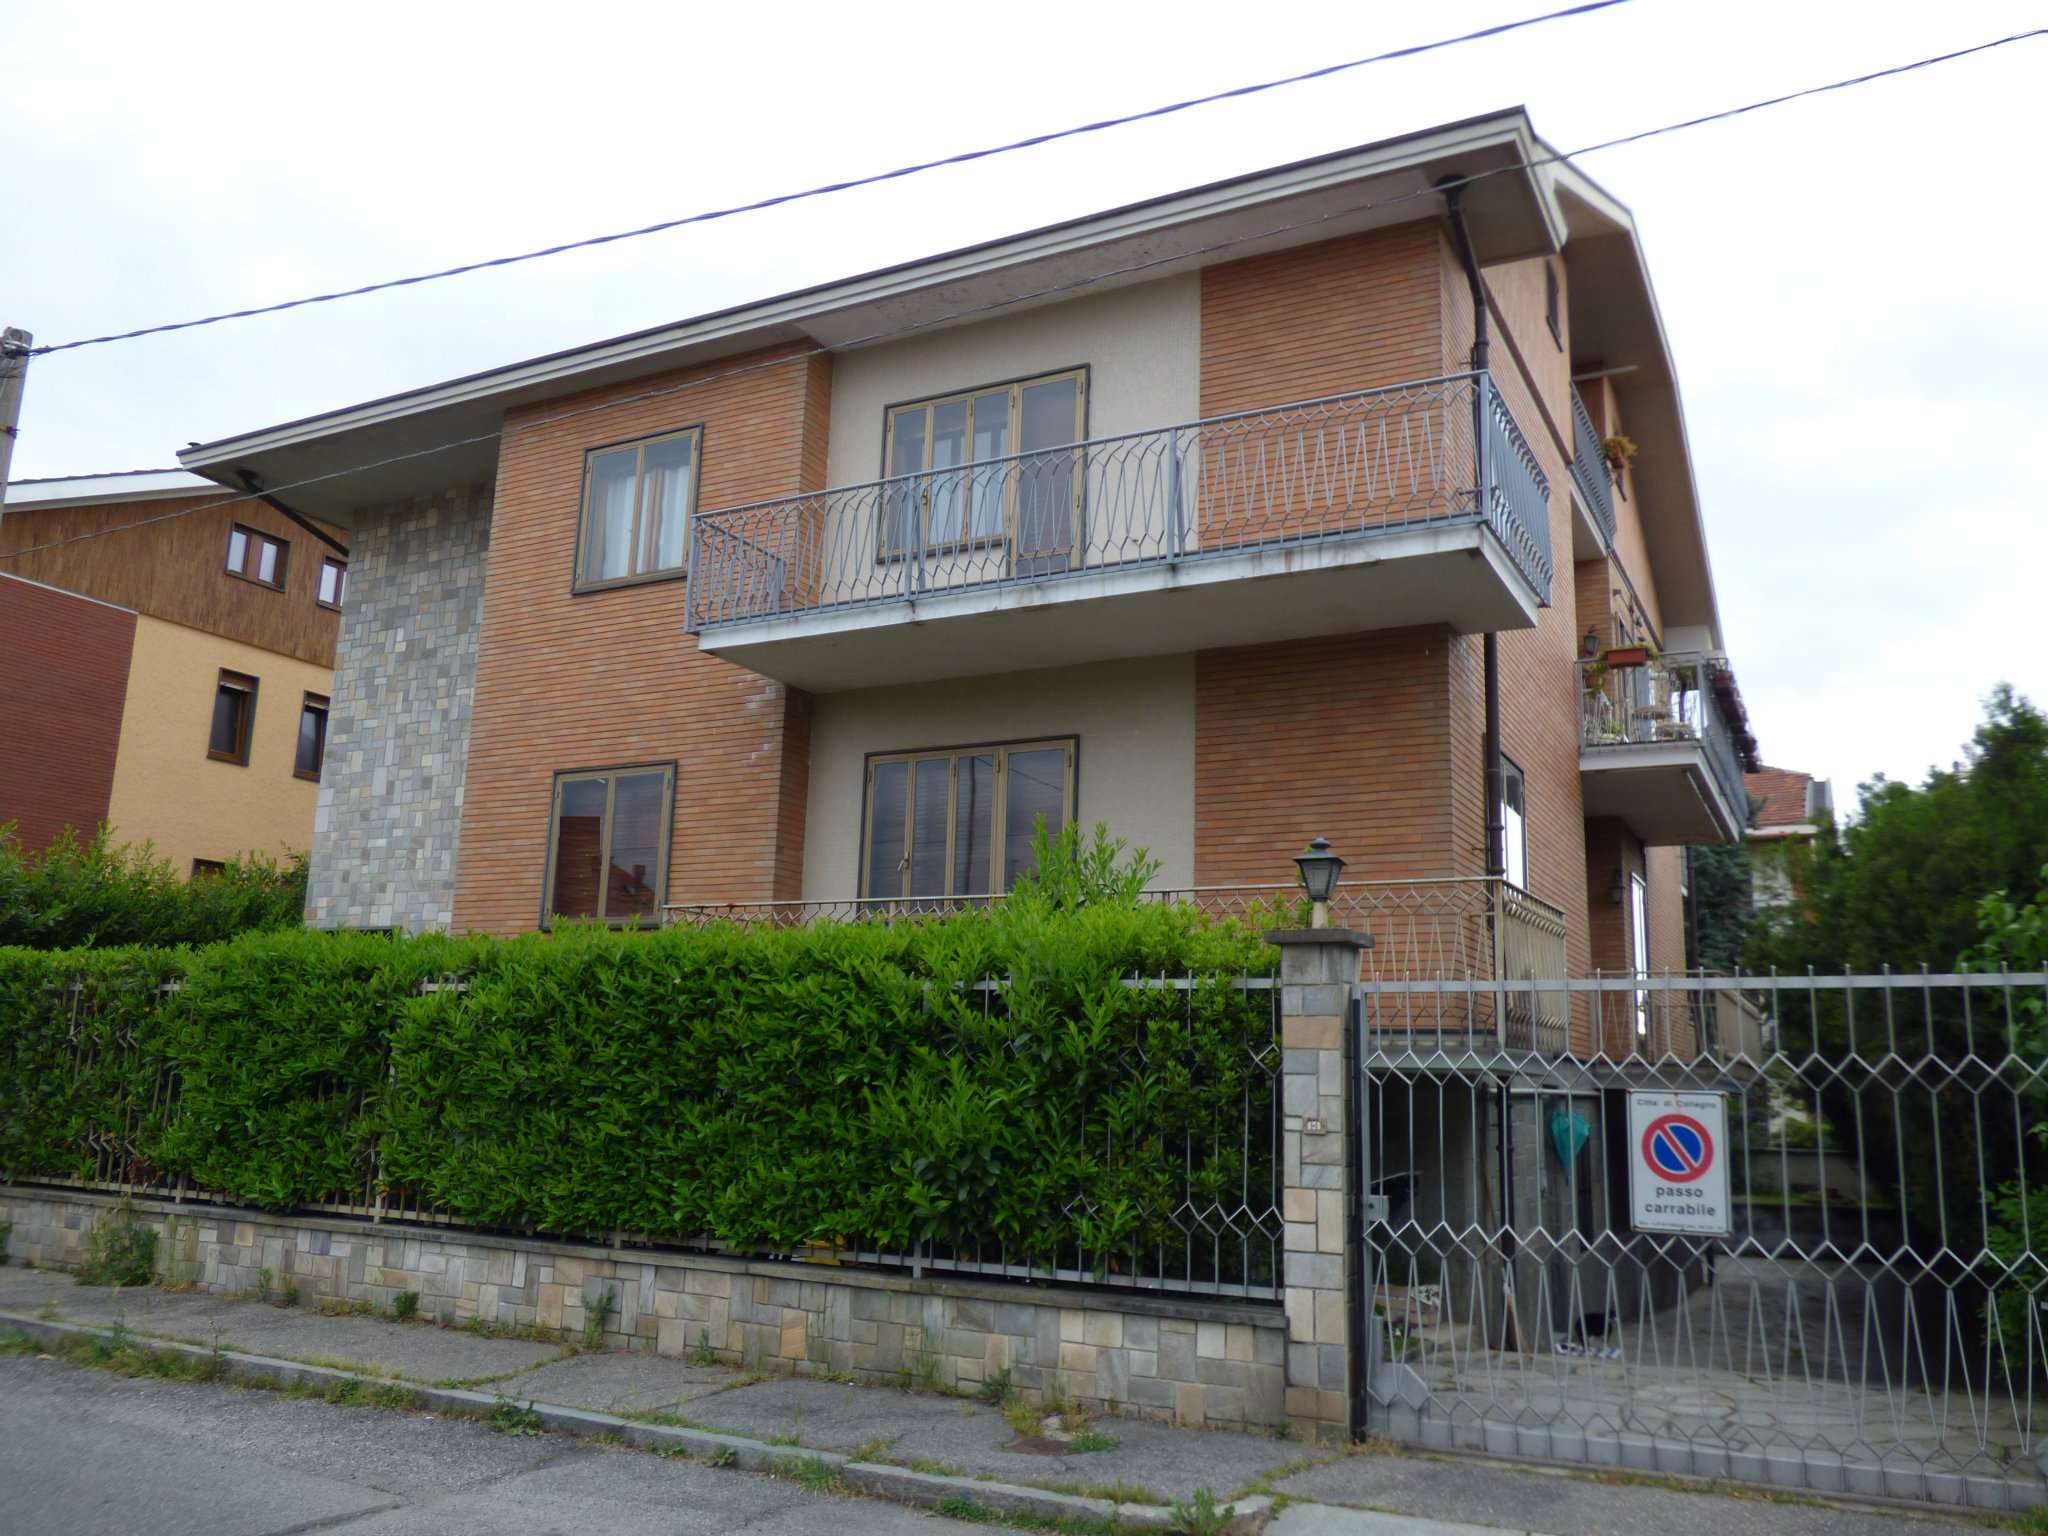 Cerco appartamento con mansarda a collegno for Case con stanze nascoste in vendita